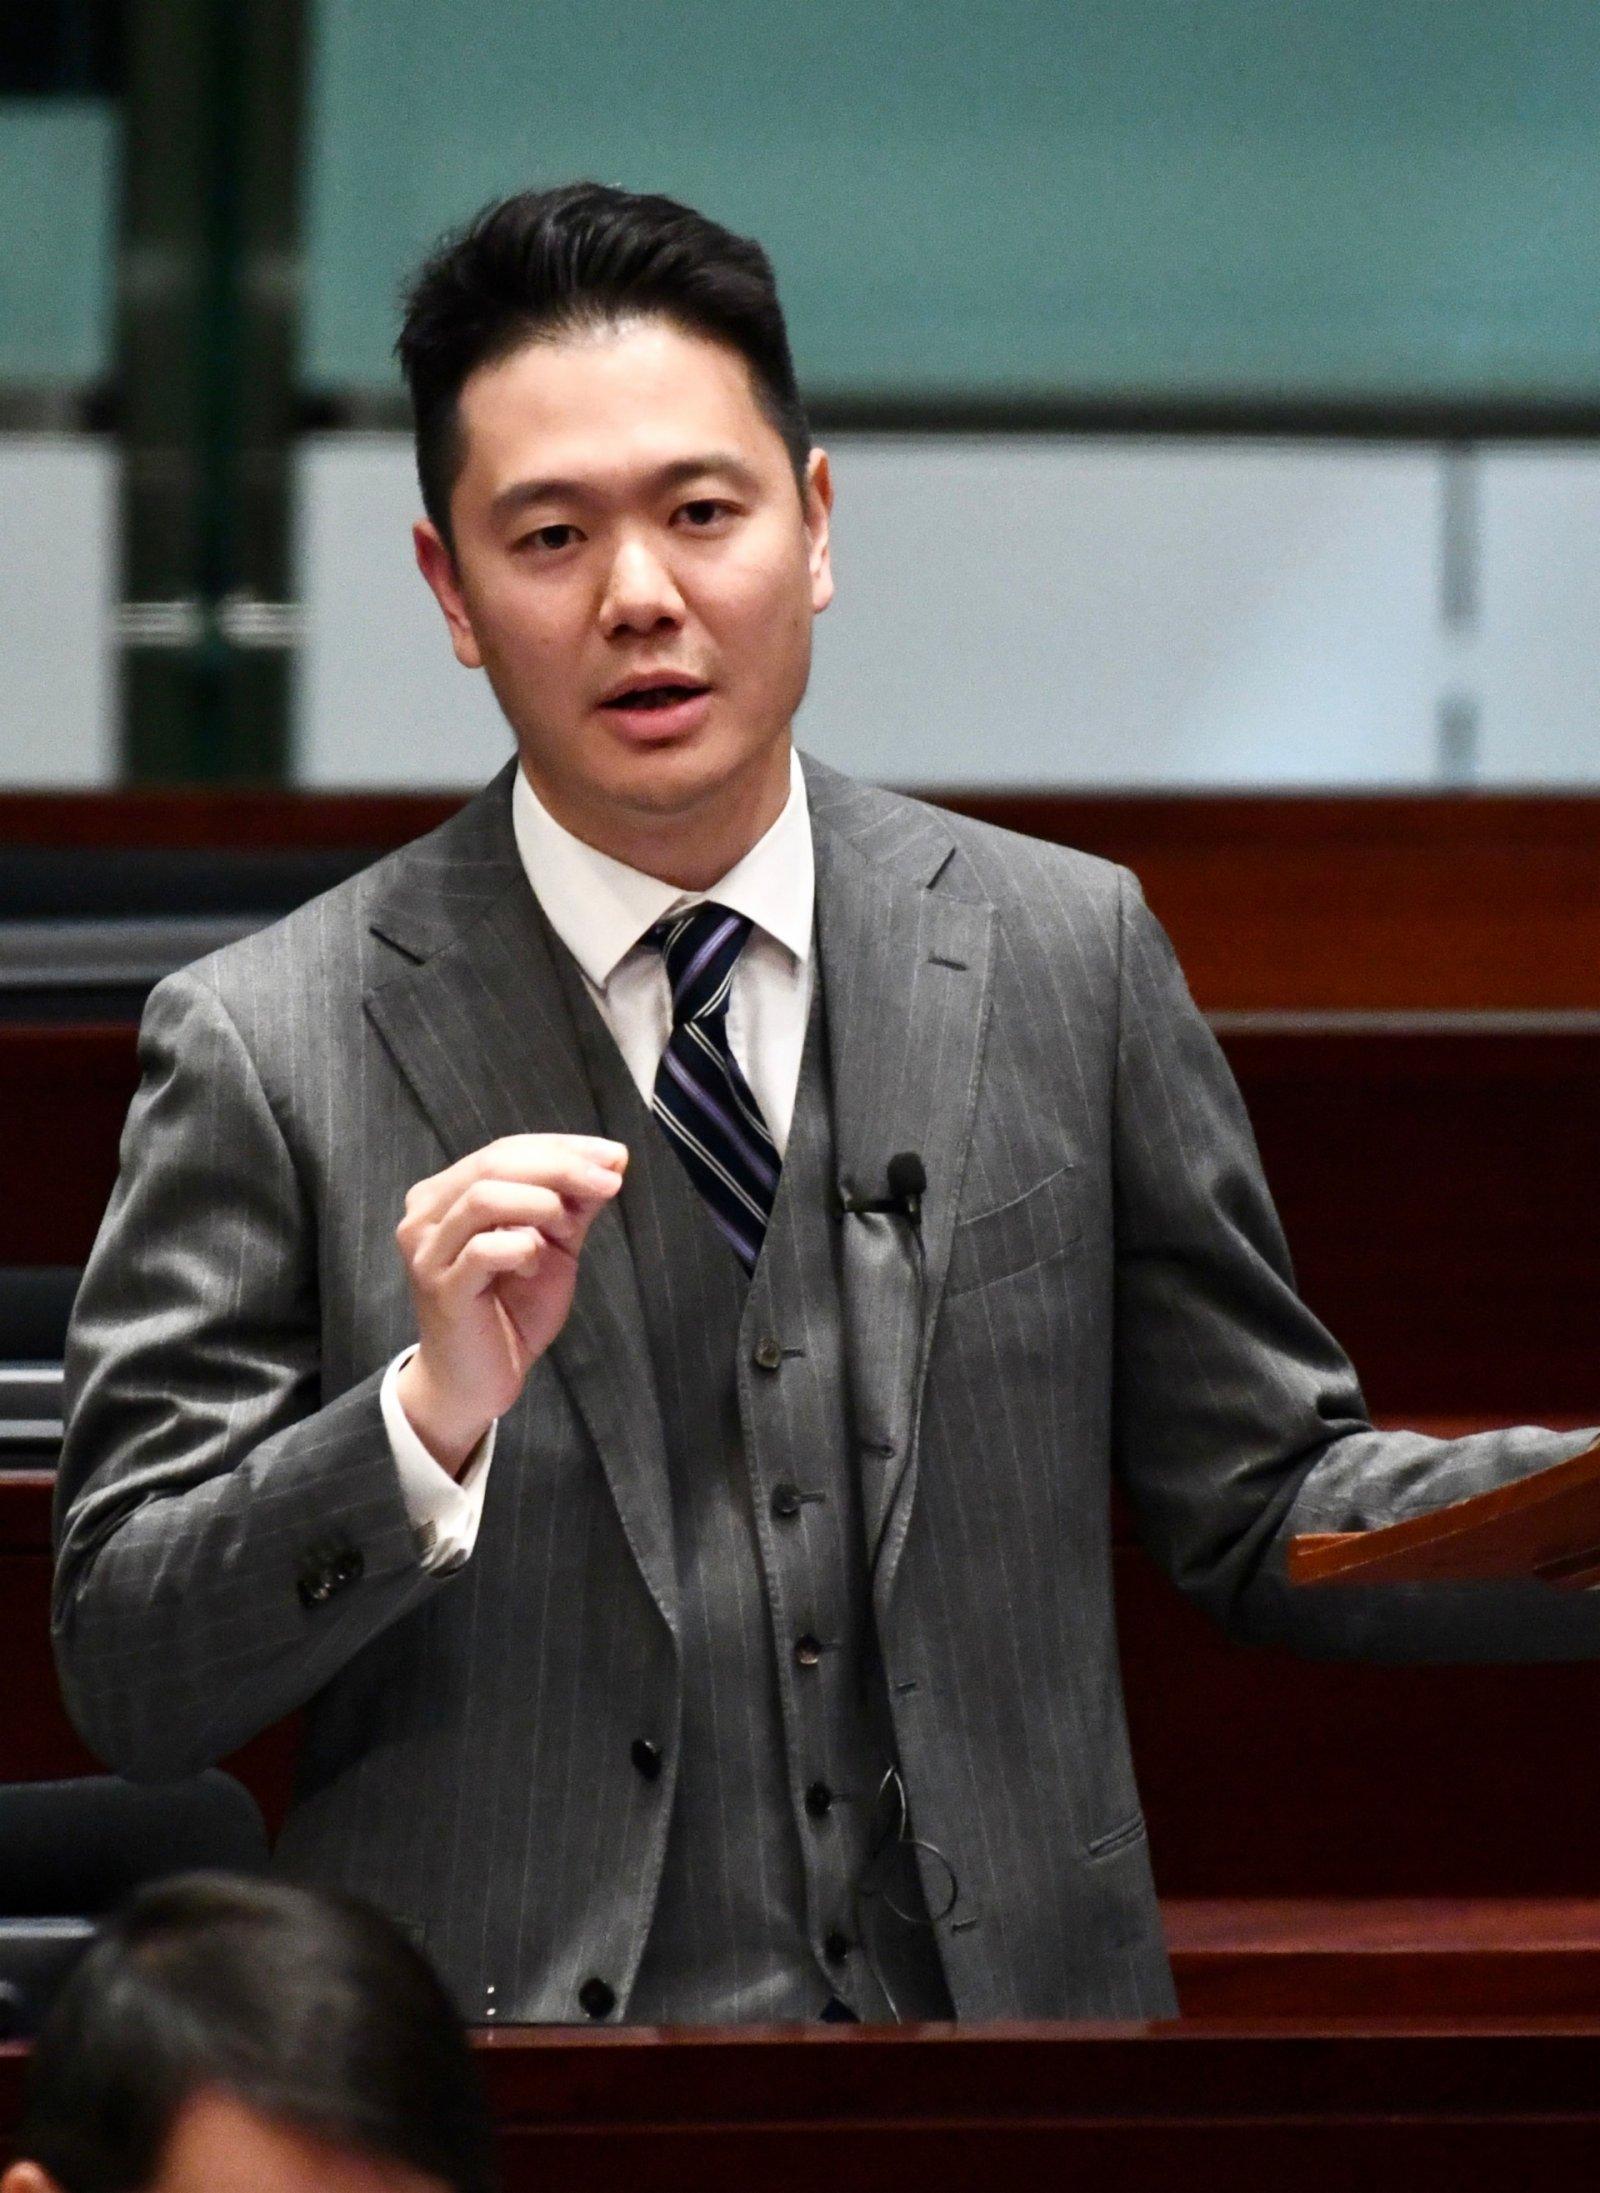 周浩鼎倡傳統工業智能化 法官需學習國家憲法